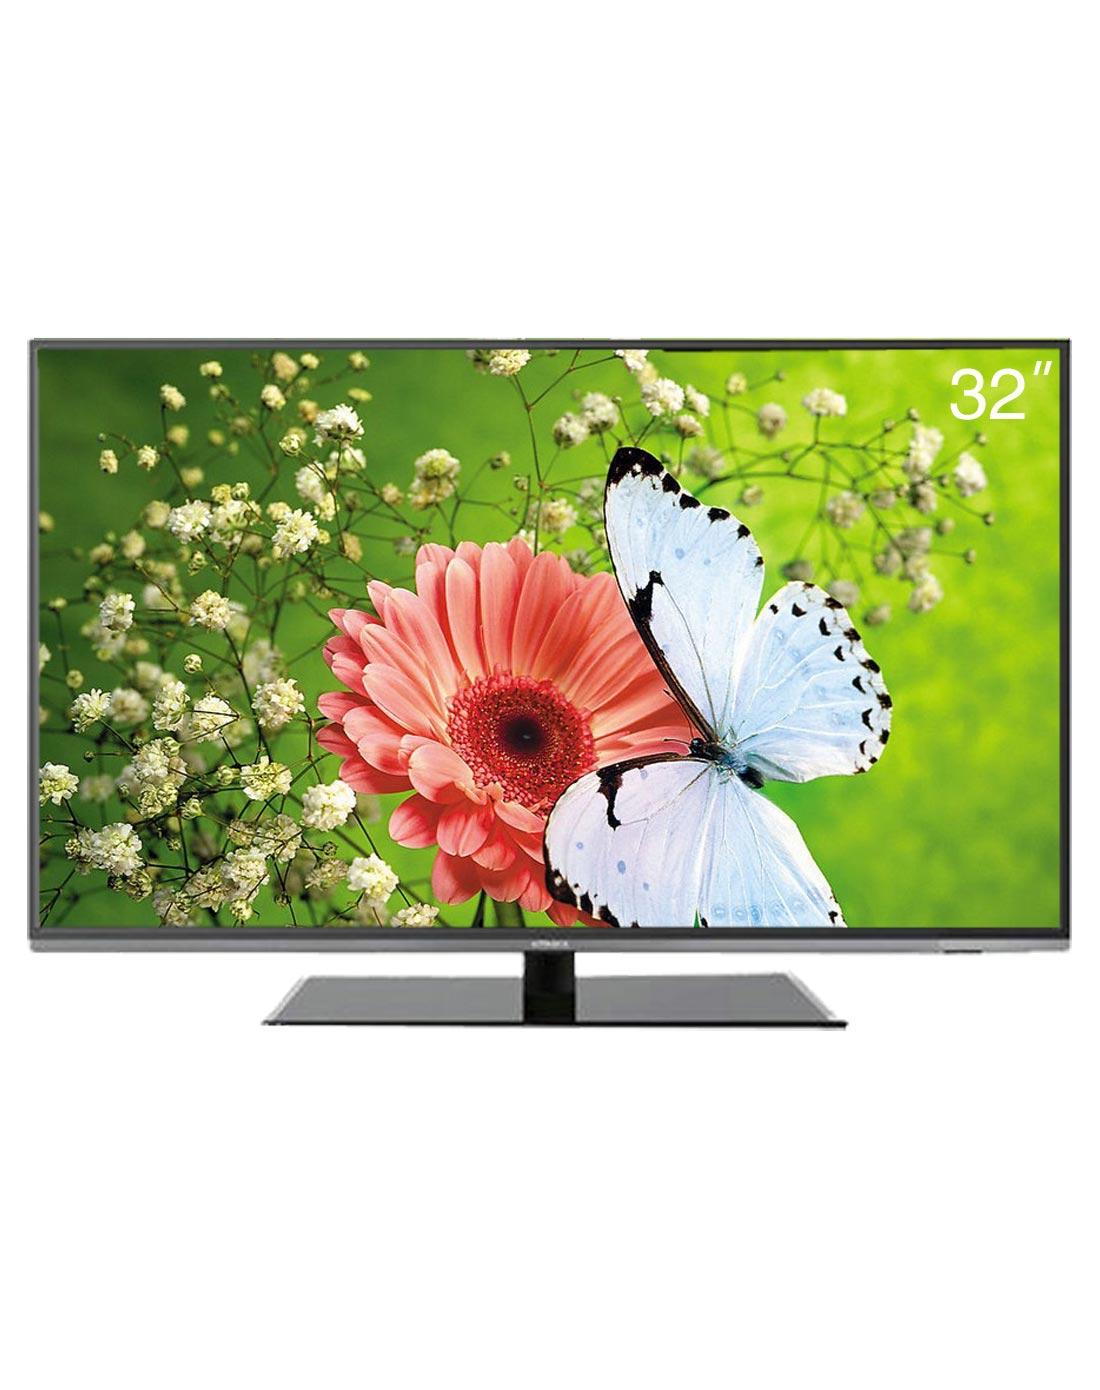 32寸超薄高清智能led液晶电视